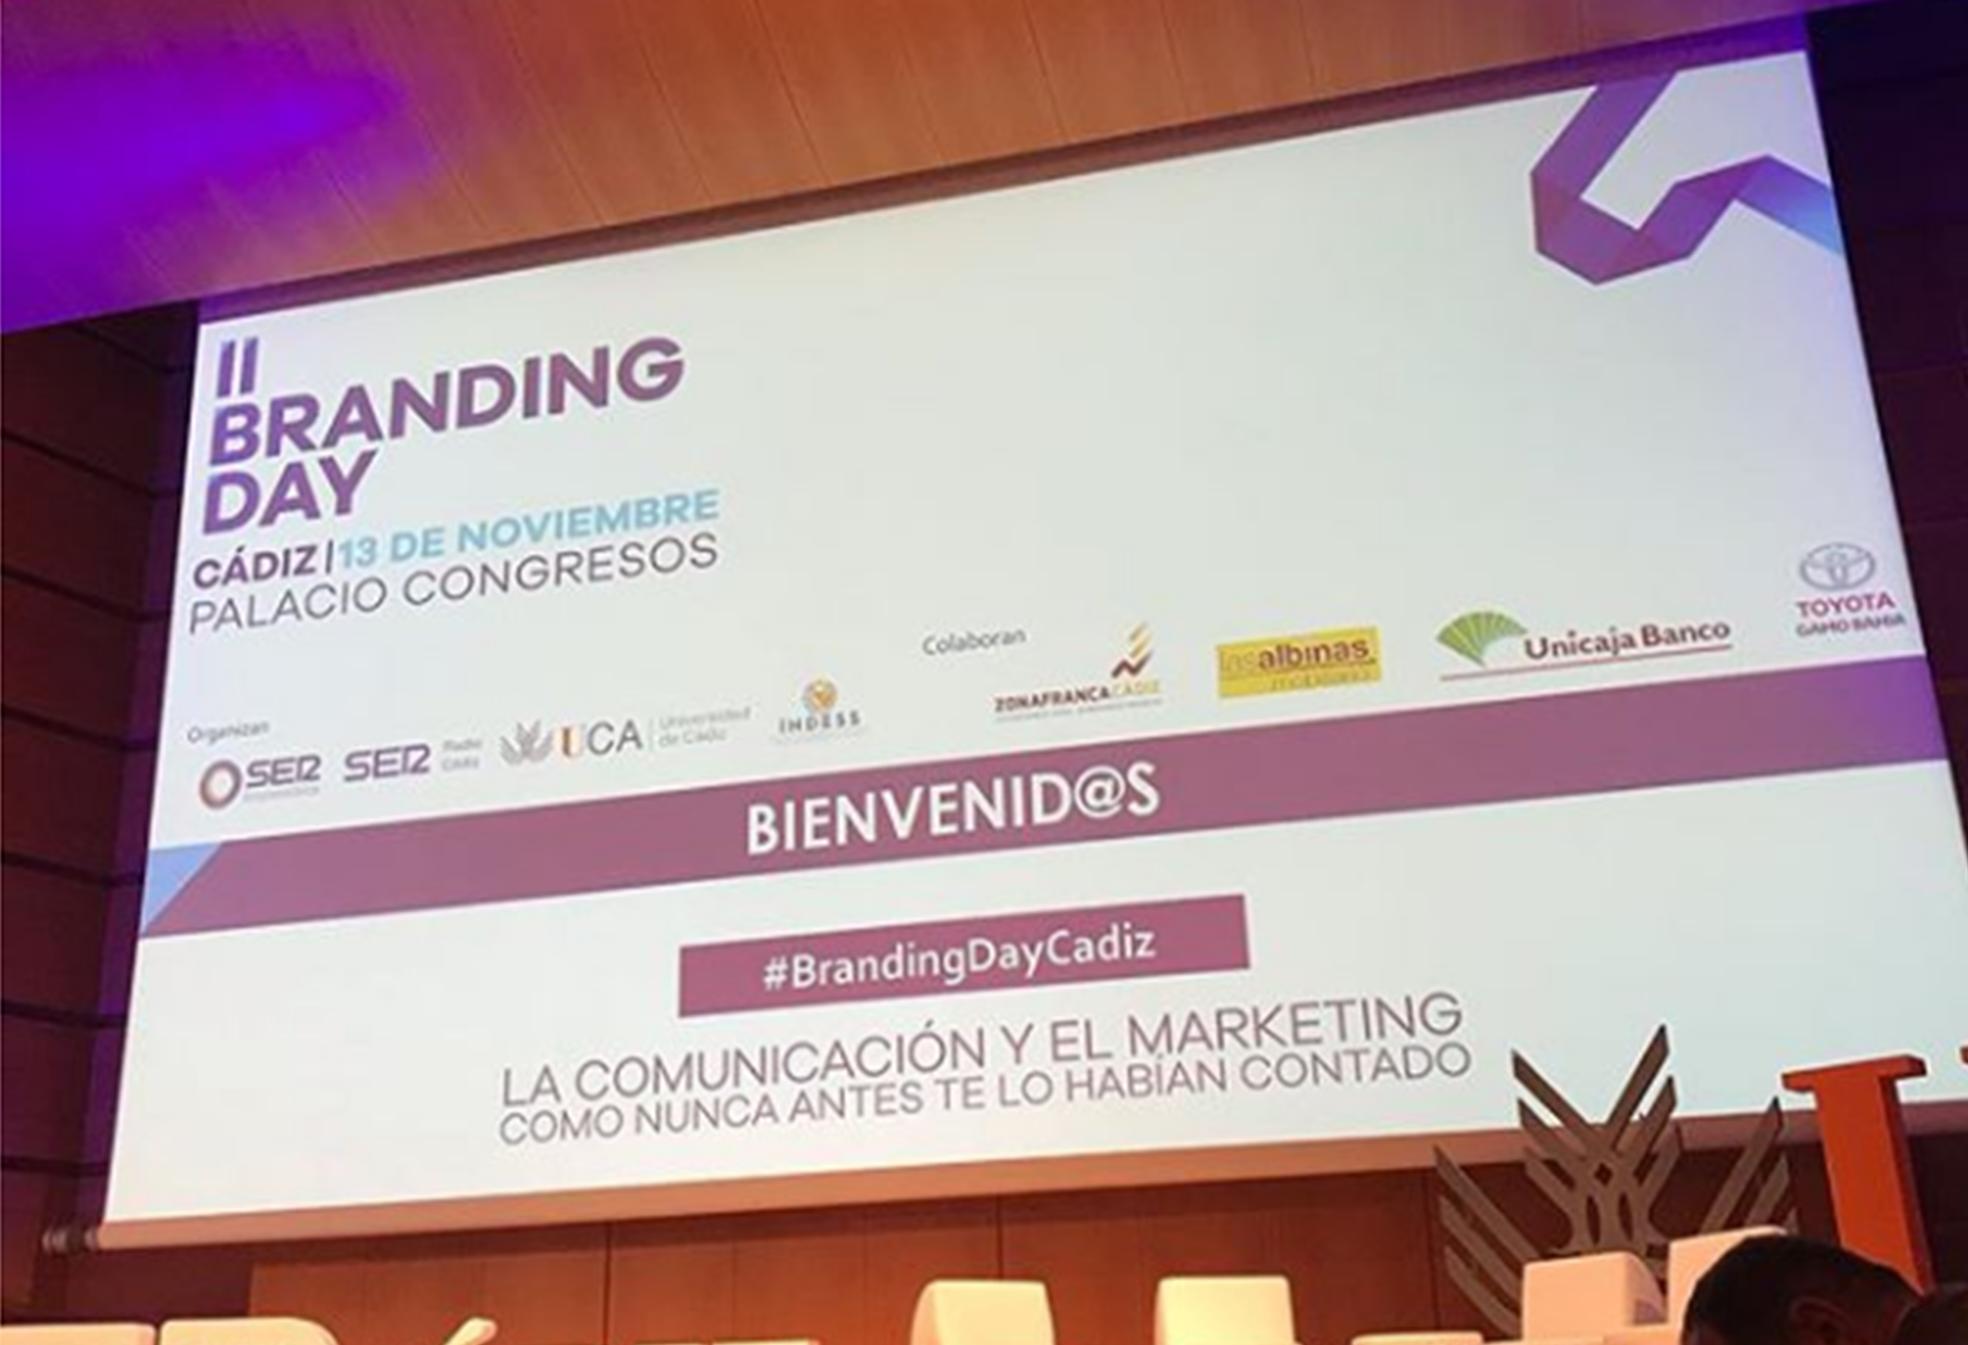 II Branding Day: El Día Del Marketing Y La Comunicación En Cádiz.